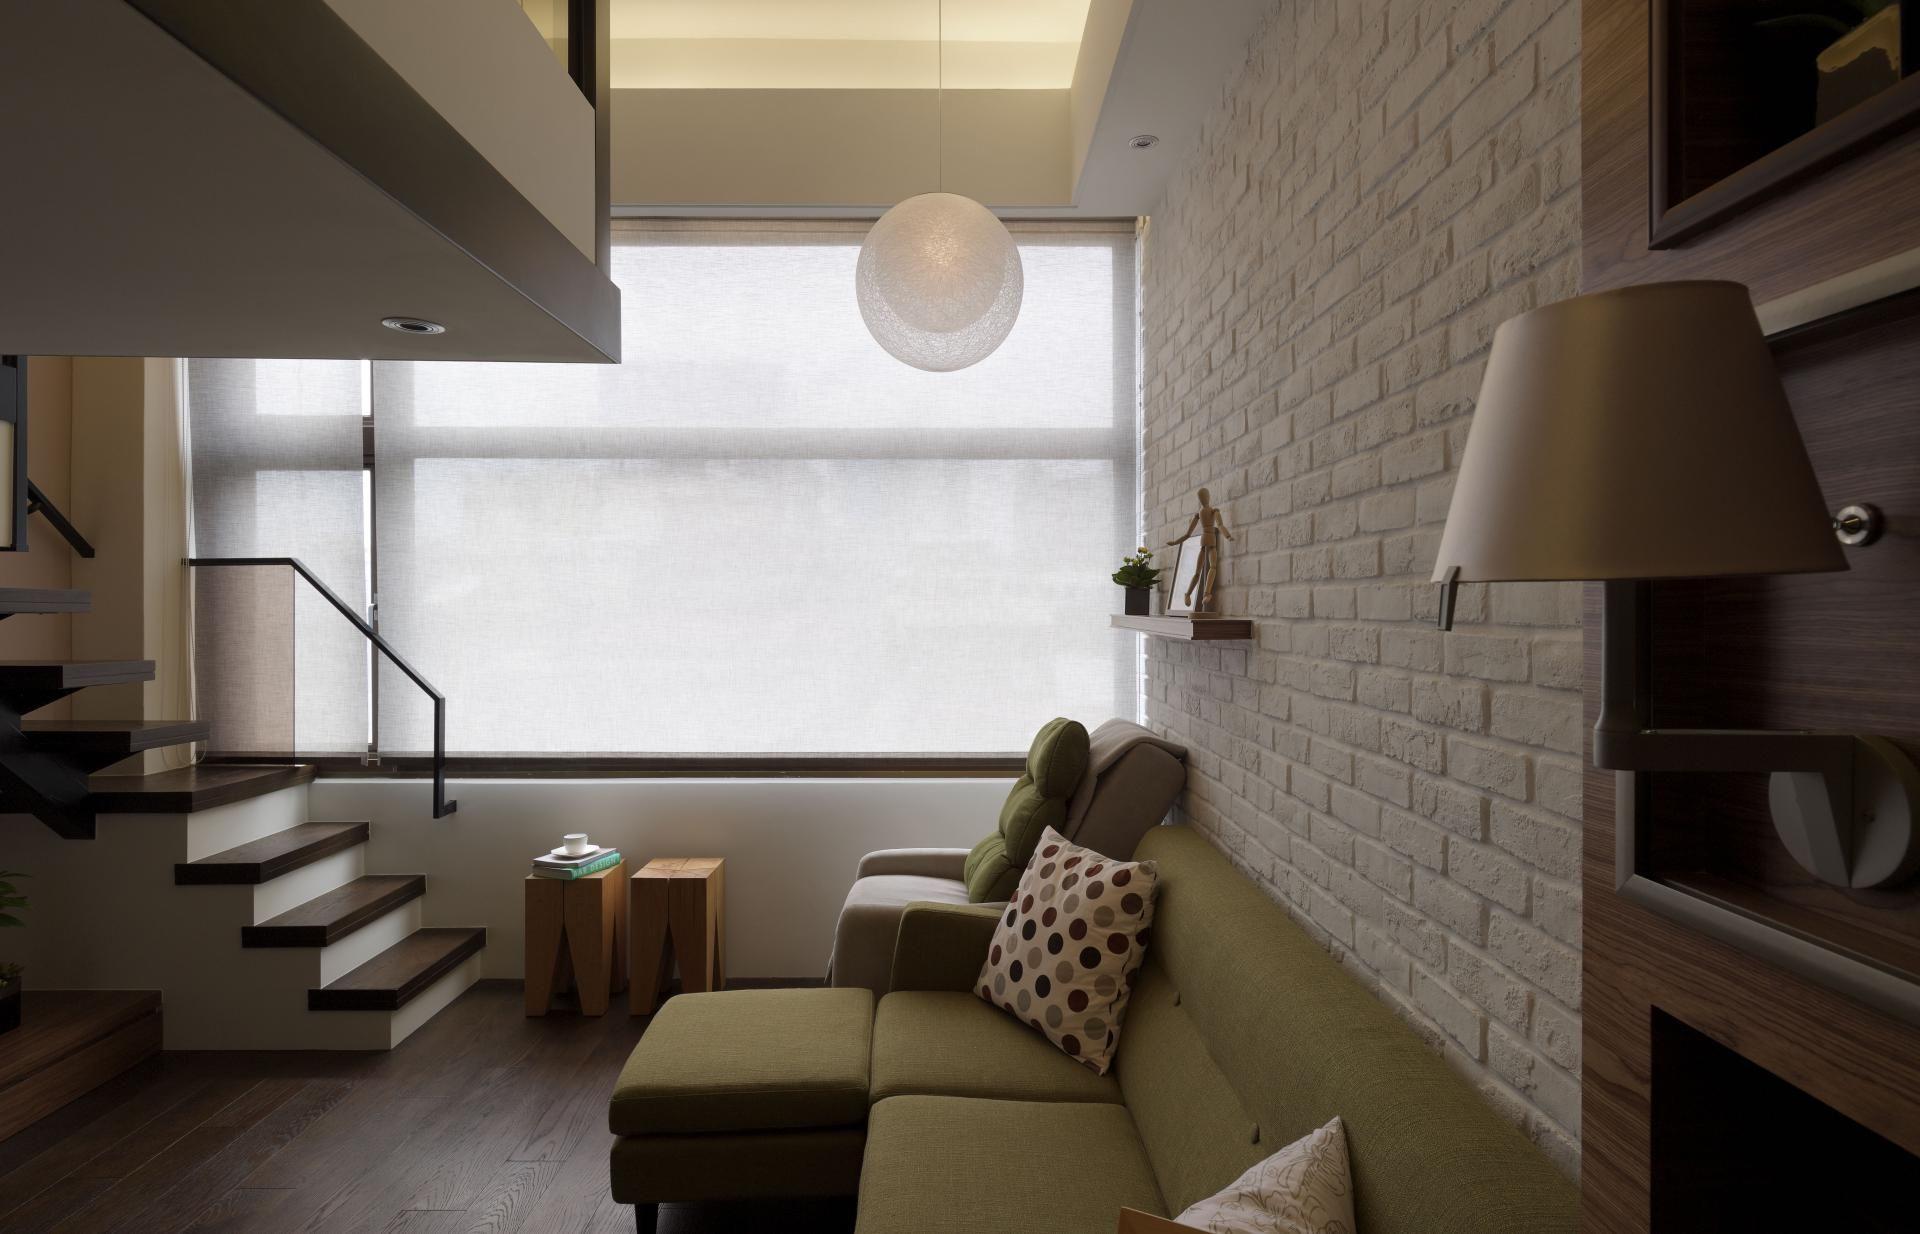 沙發背牆運用了帶有休閒風的文化磚,營造出舒適的居家氛圍。圓形吊燈是用砂質包覆著,半透光的感覺柔化光線,讓室內空間散發出浪漫的感覺。